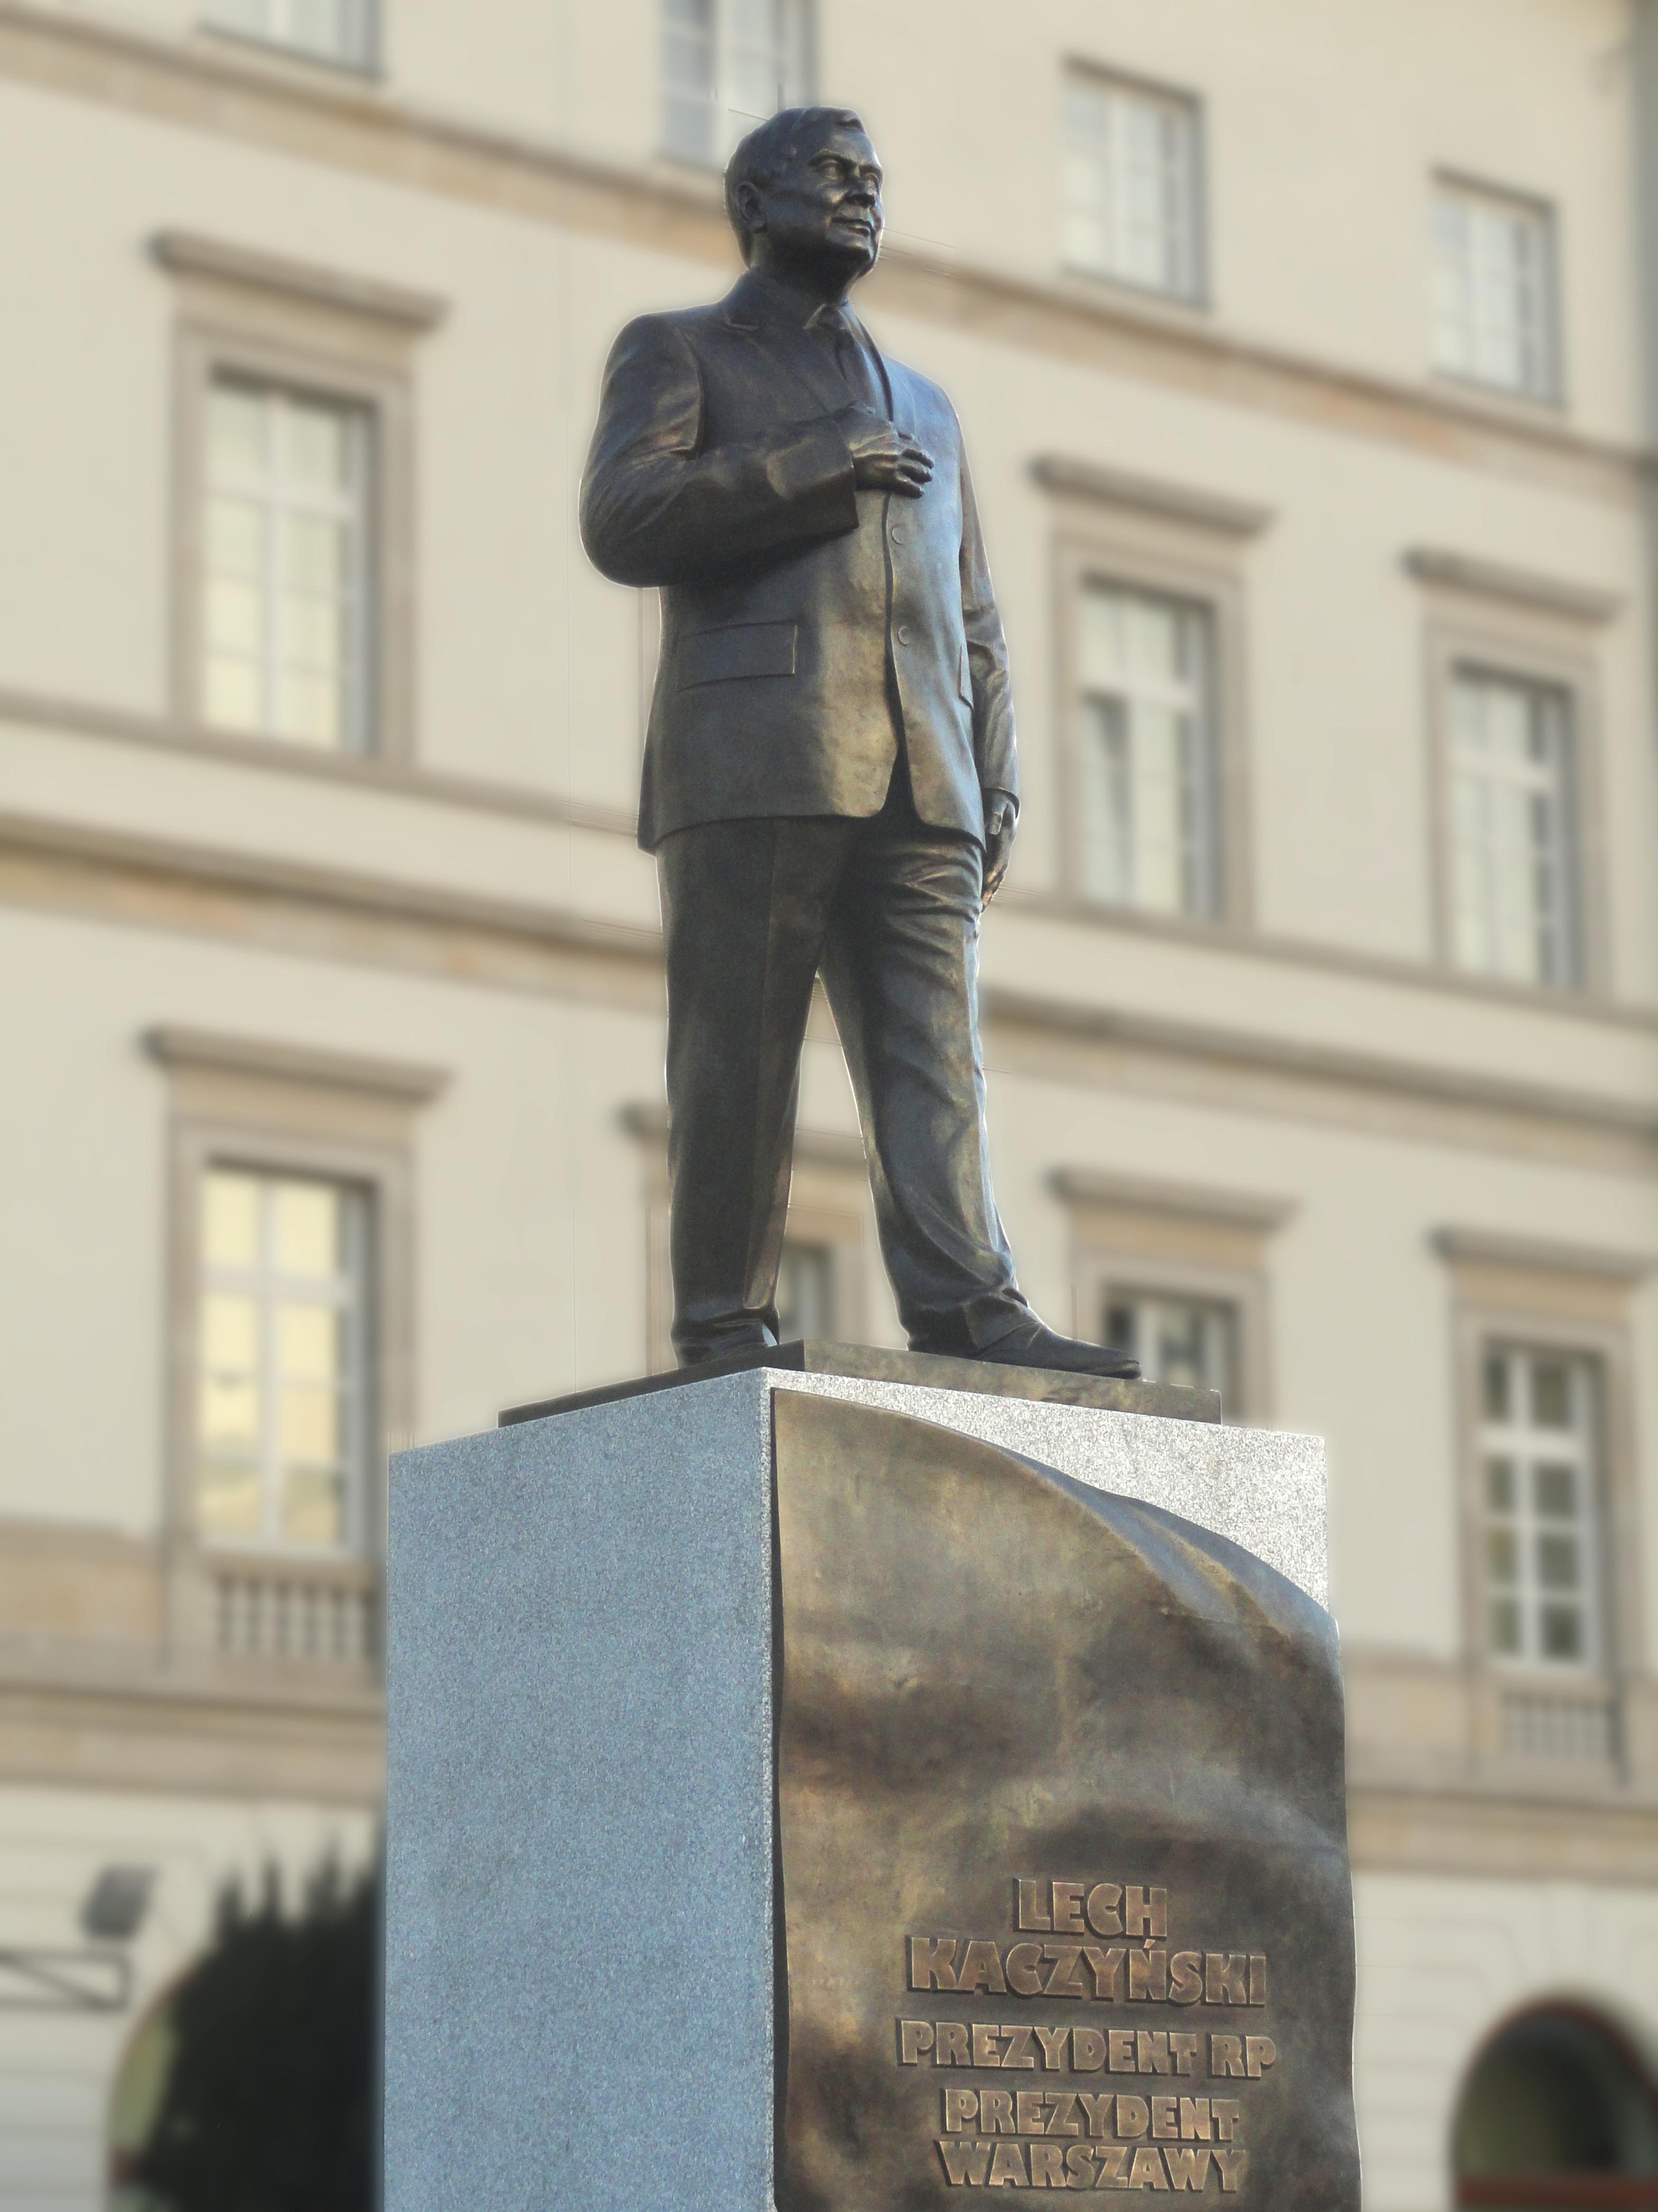 07-11-2018 Warszawa prace końcowe nad pomnikiem Lecha Kaczyńskiego, 6 (retouched)